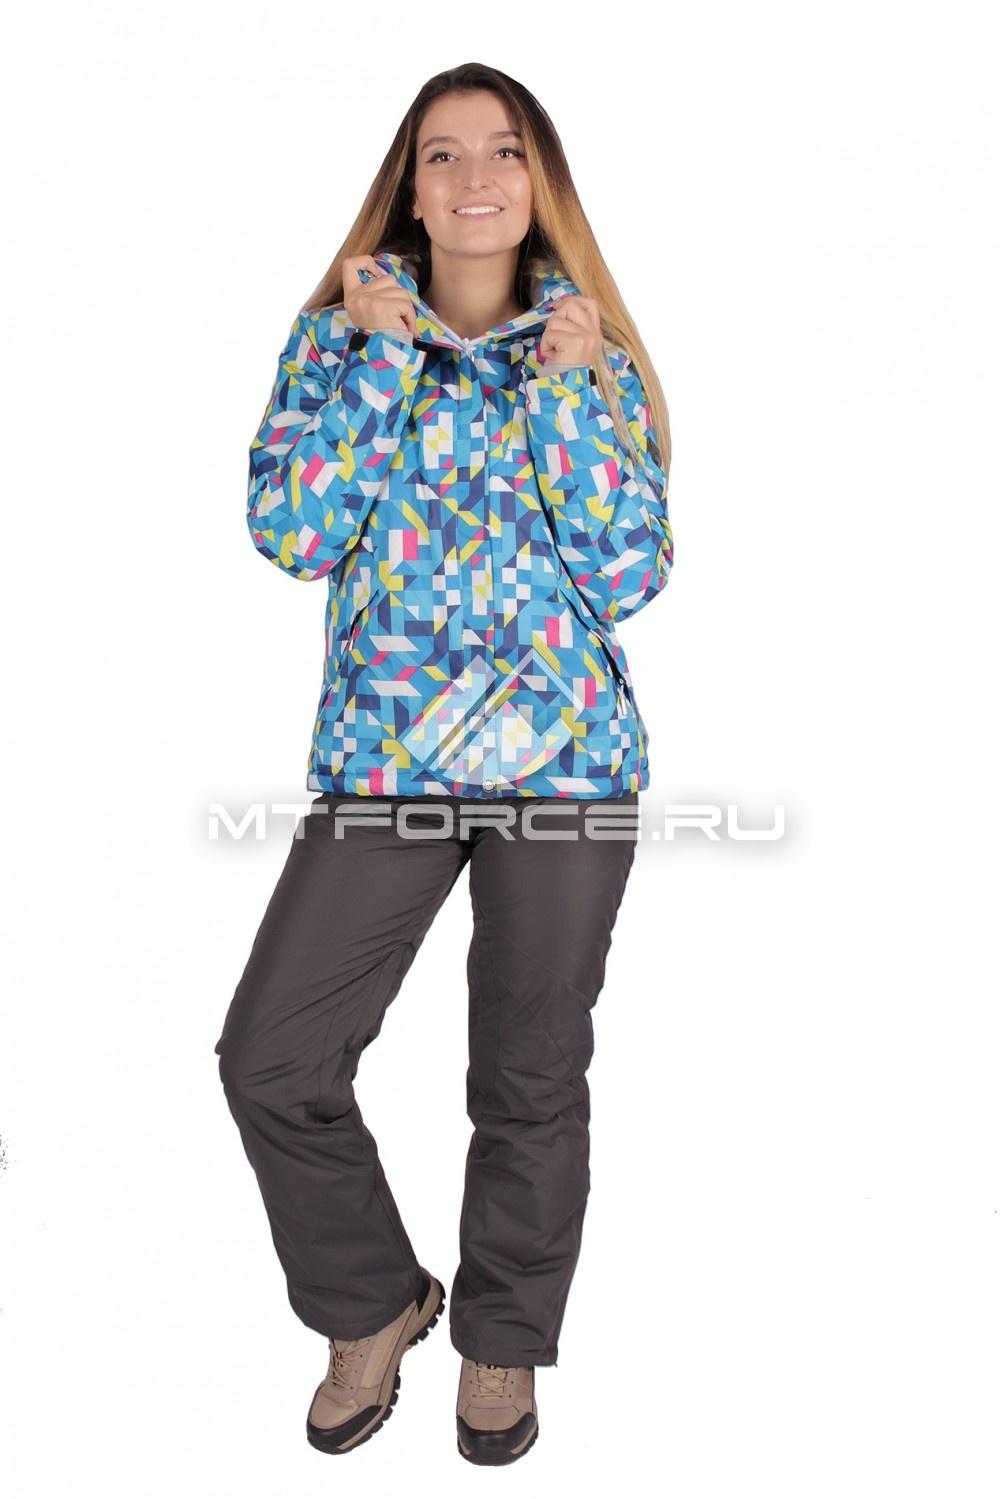 Купить                                  оптом Костюм горнолыжный женский синего цвета 01631S